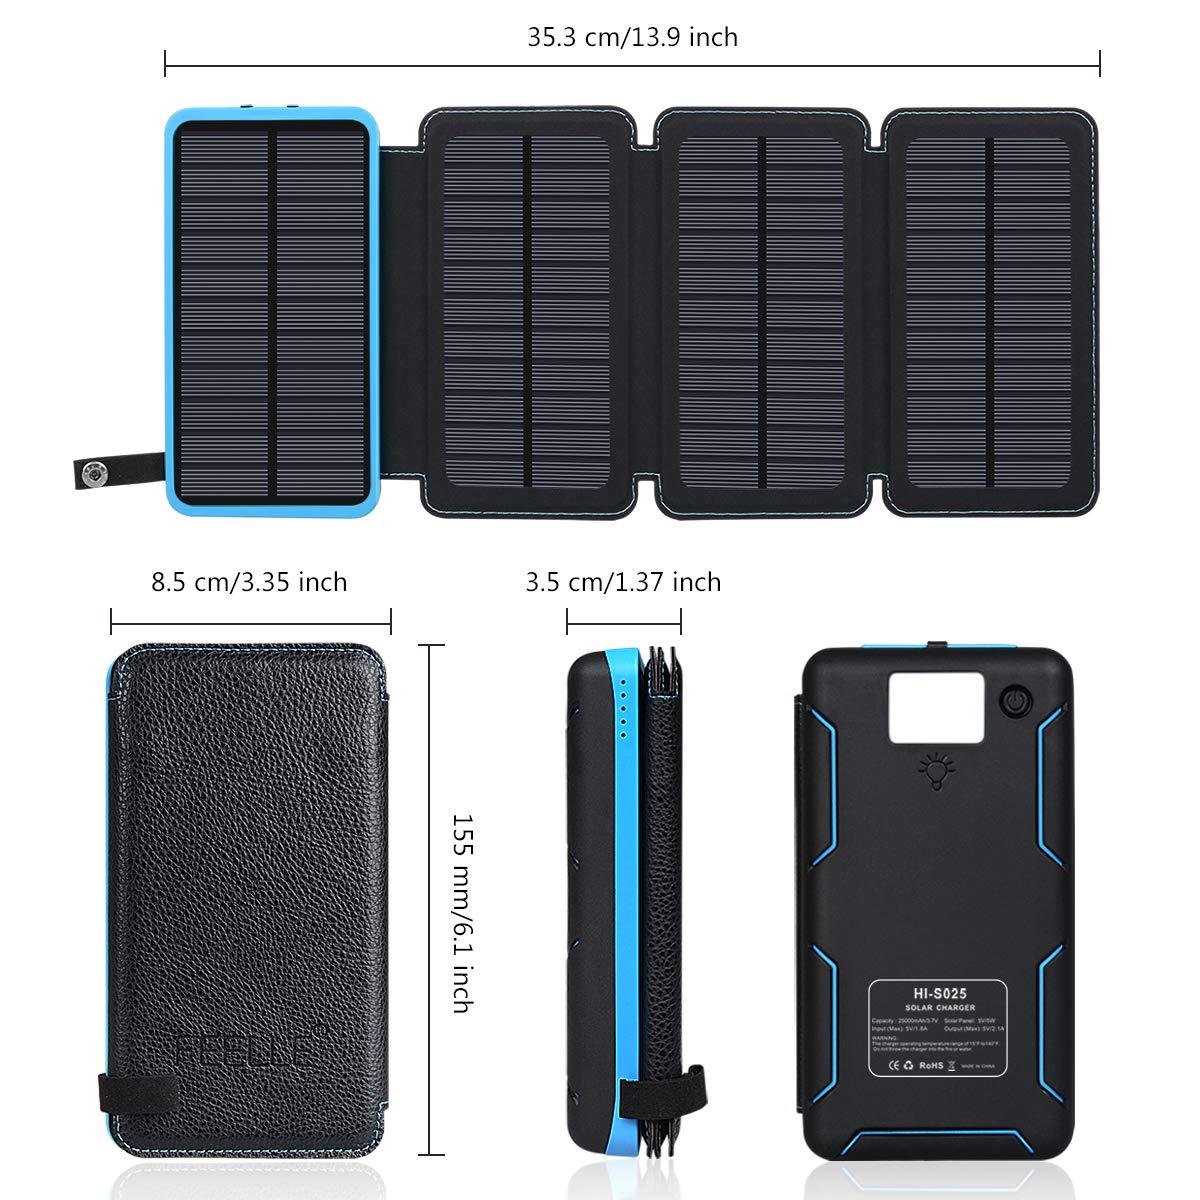 FEELLE Cargador Solar 25000mAh Batería Externa, Portátil Power Bank con 4 Paneles Solares, 2 Puertos de USB (5V/2.1A*2) para iPhone, Android, Tablet, ...